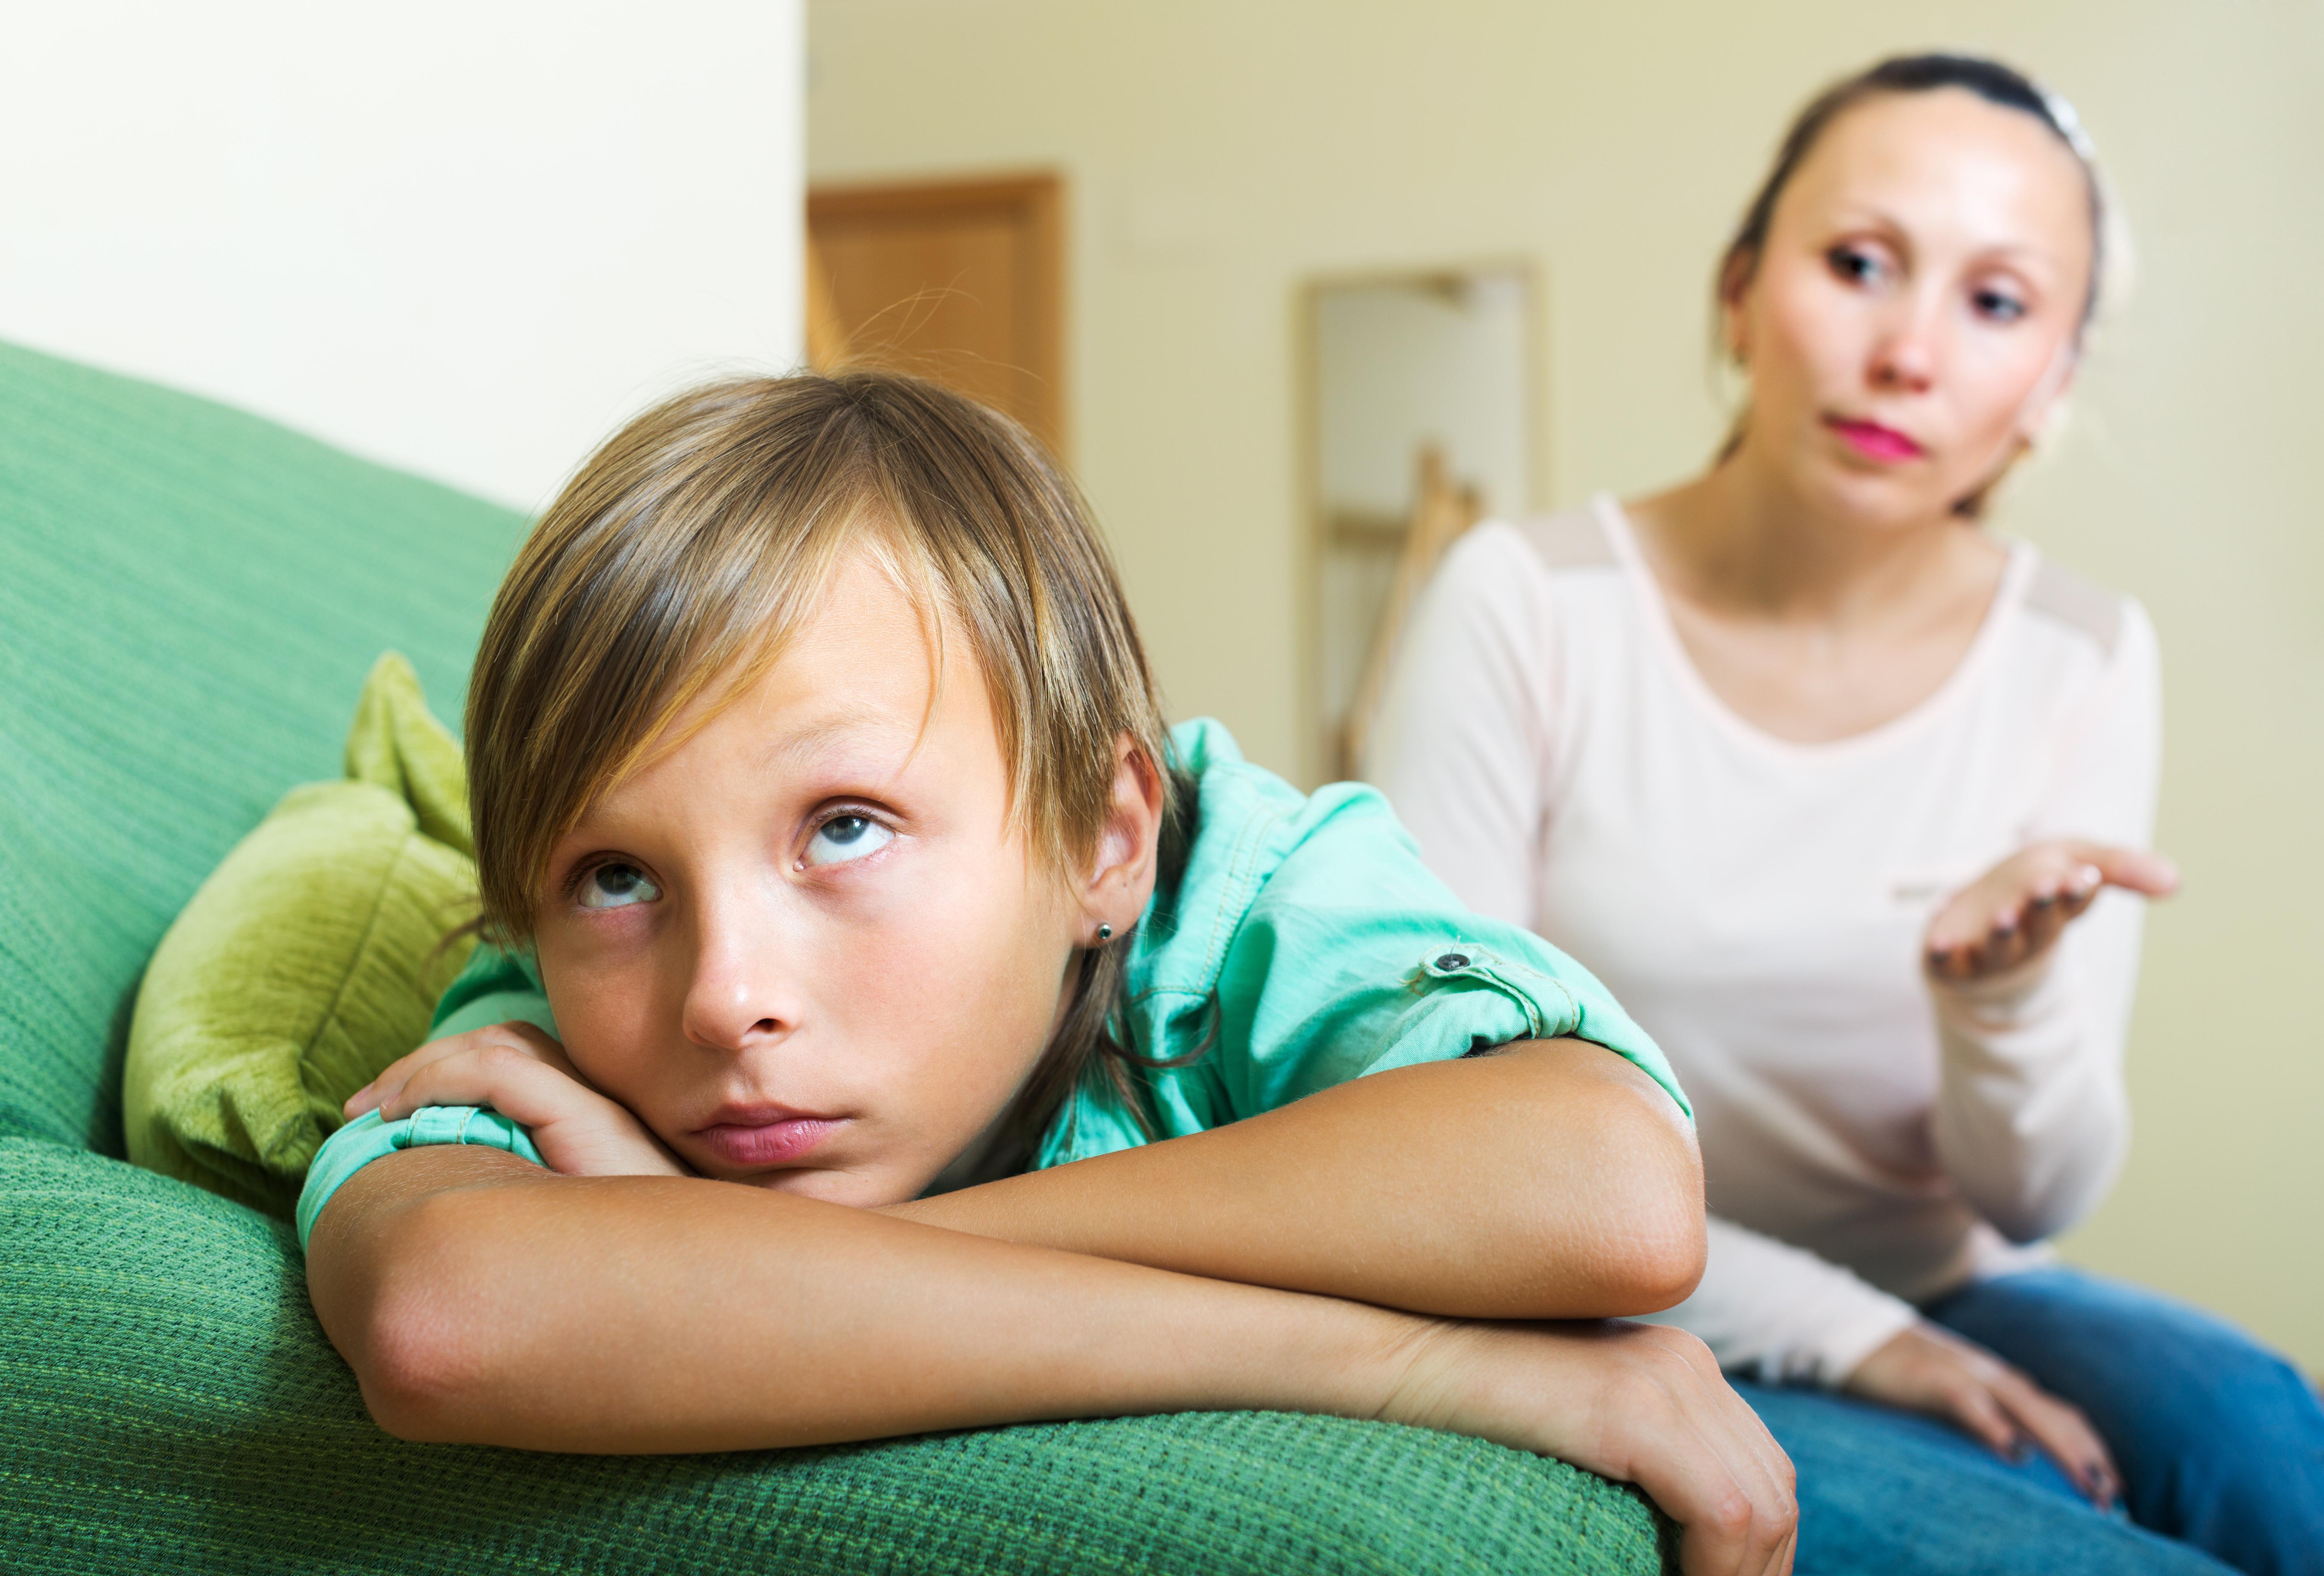 Pengar är inte den vanligaste frågan man bråkar om i hemmet visar en färsk undersökning.